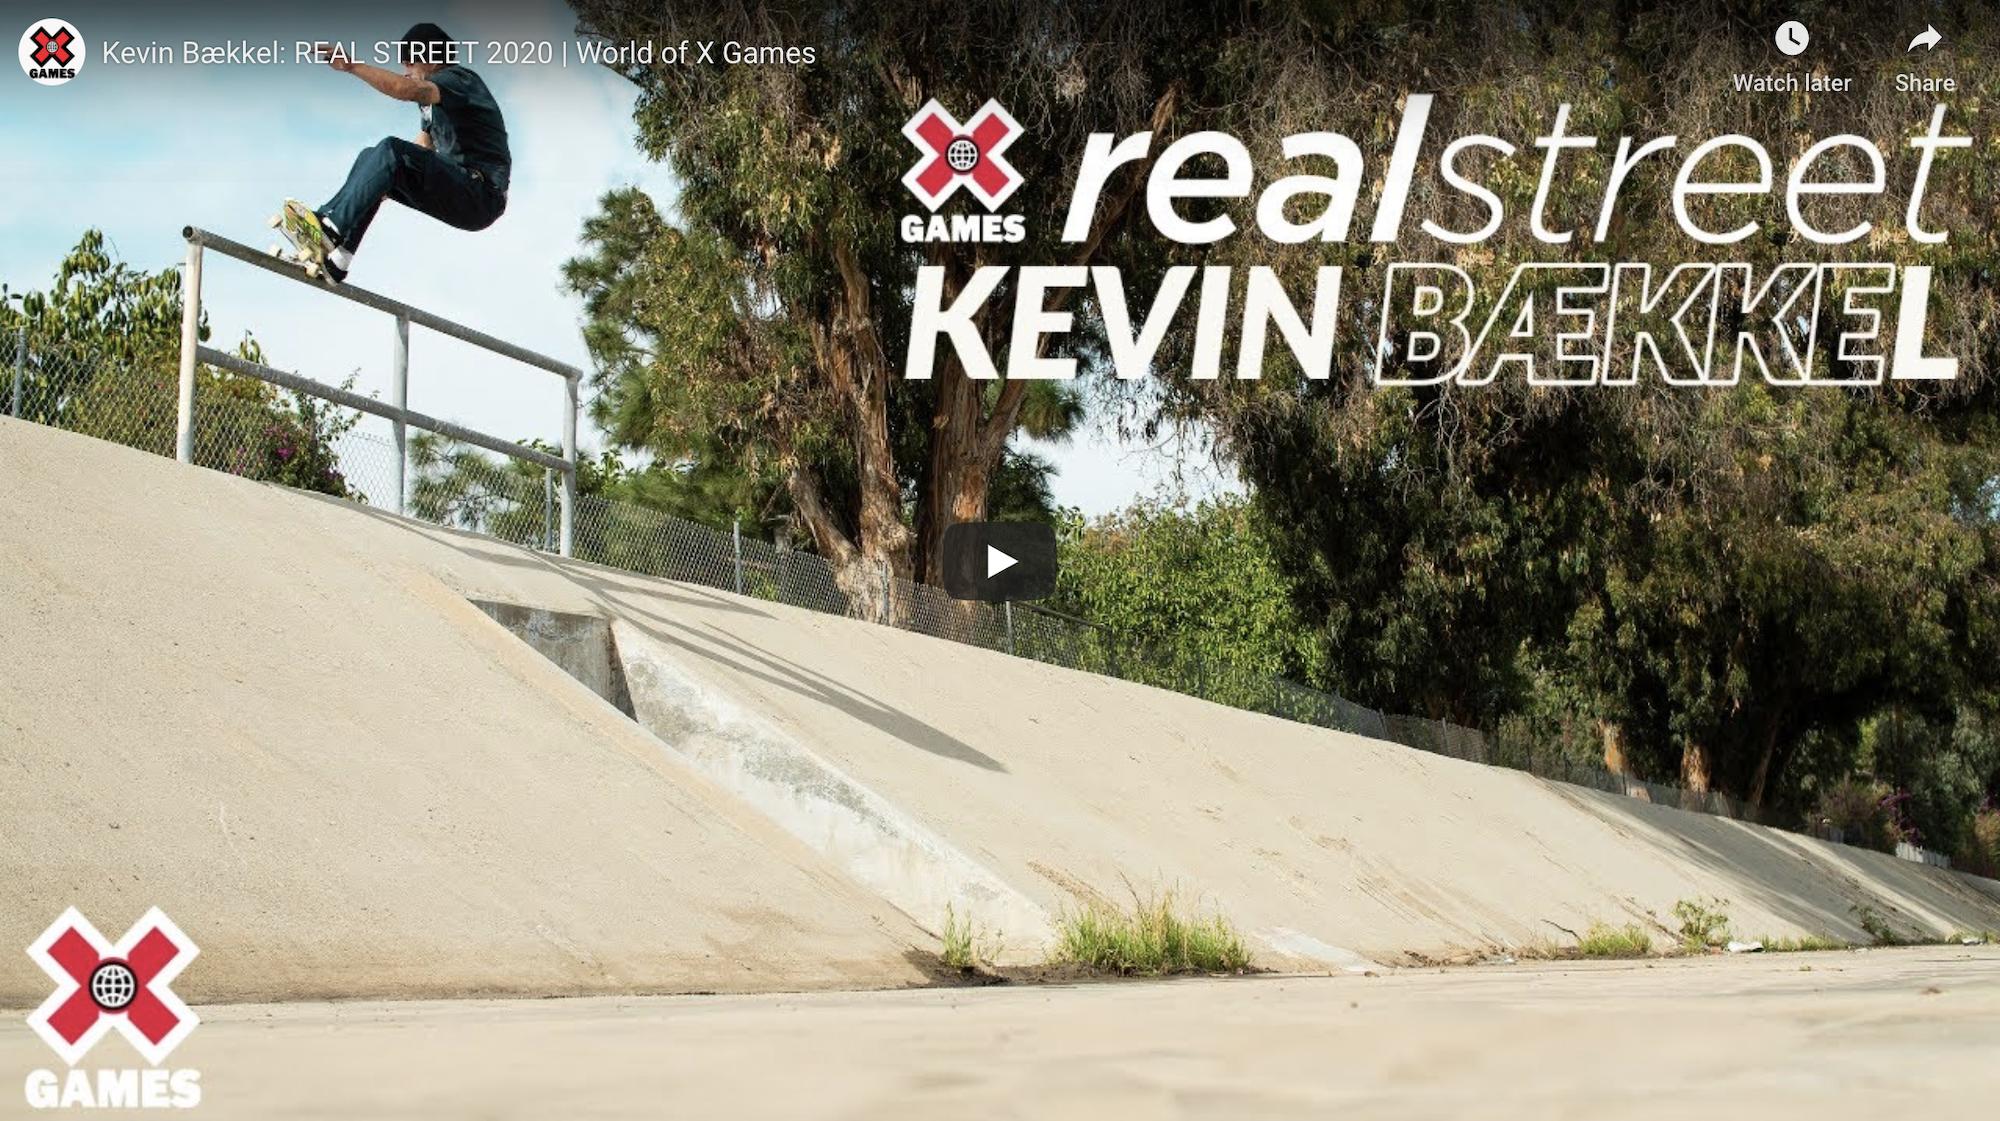 Kevin Bækkel: REAL STREET 2020